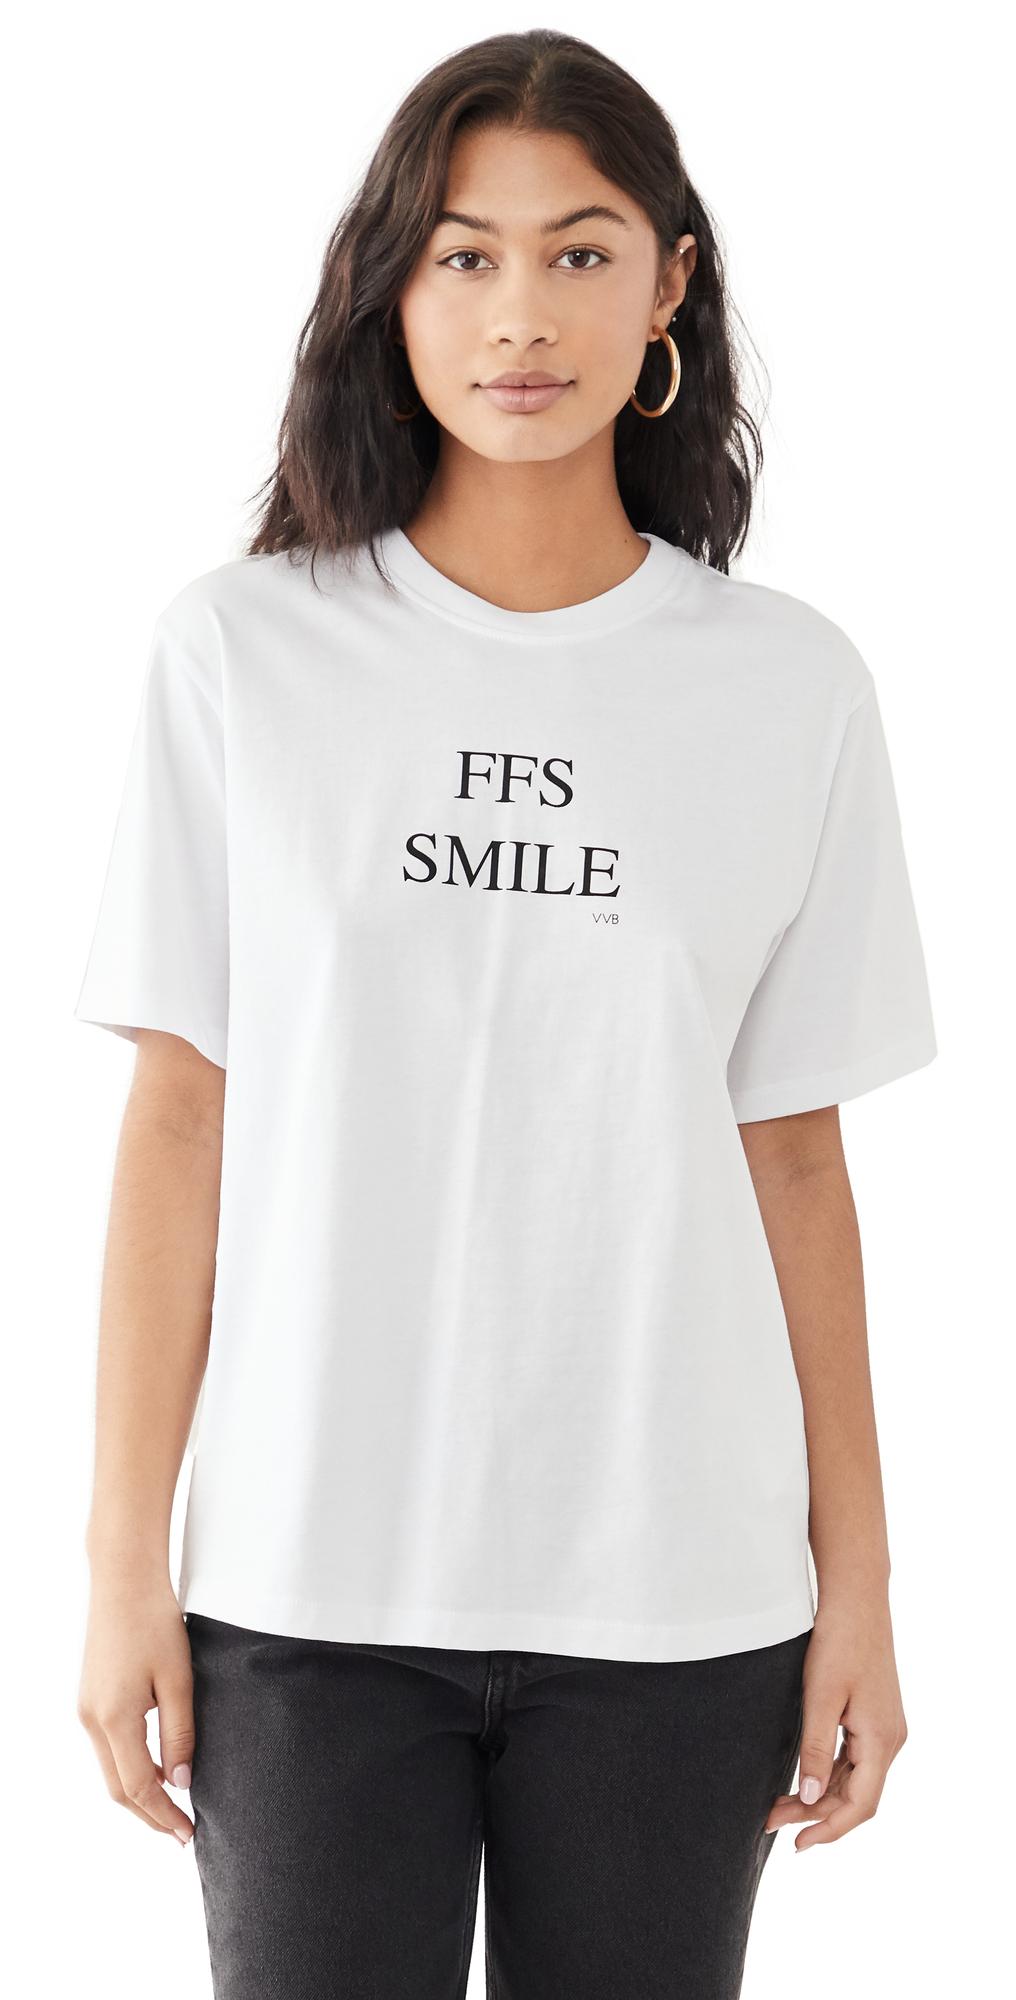 Victoria Victoria Beckham T-shirts FFS SMILE T-SHIRT